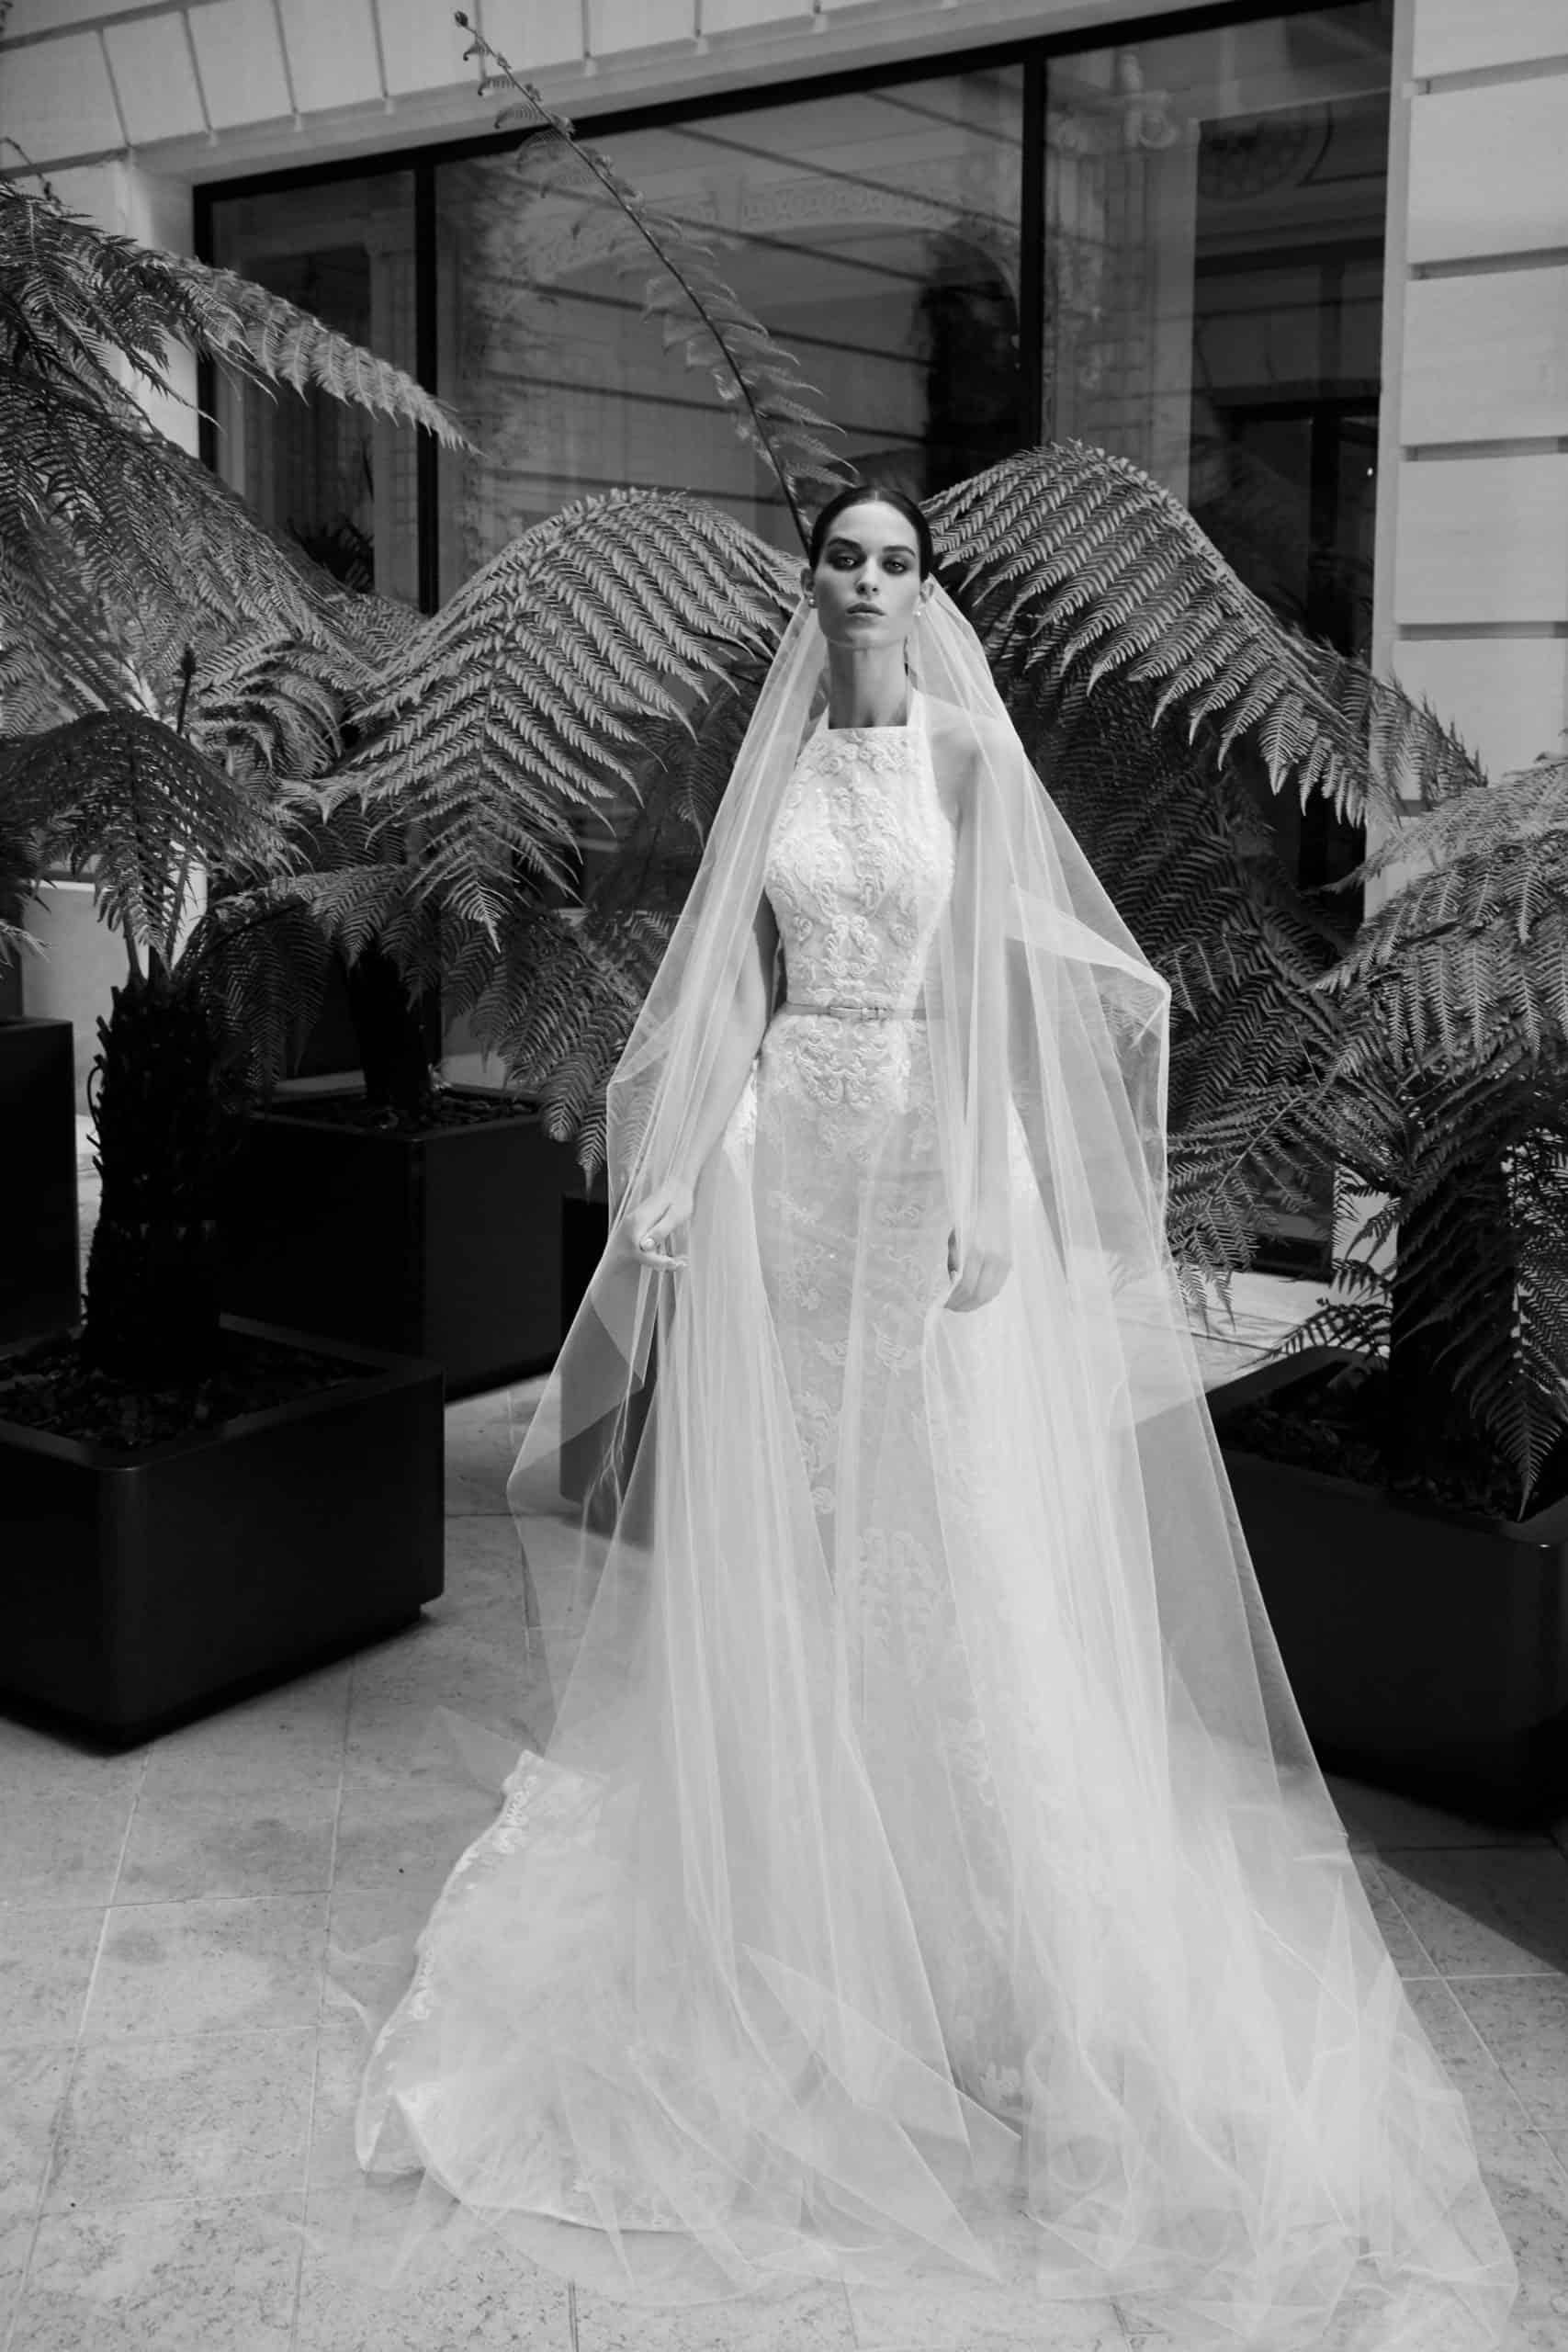 νυφικό φόρεμα φαντέλα και ζώνη απο την Elie Saab